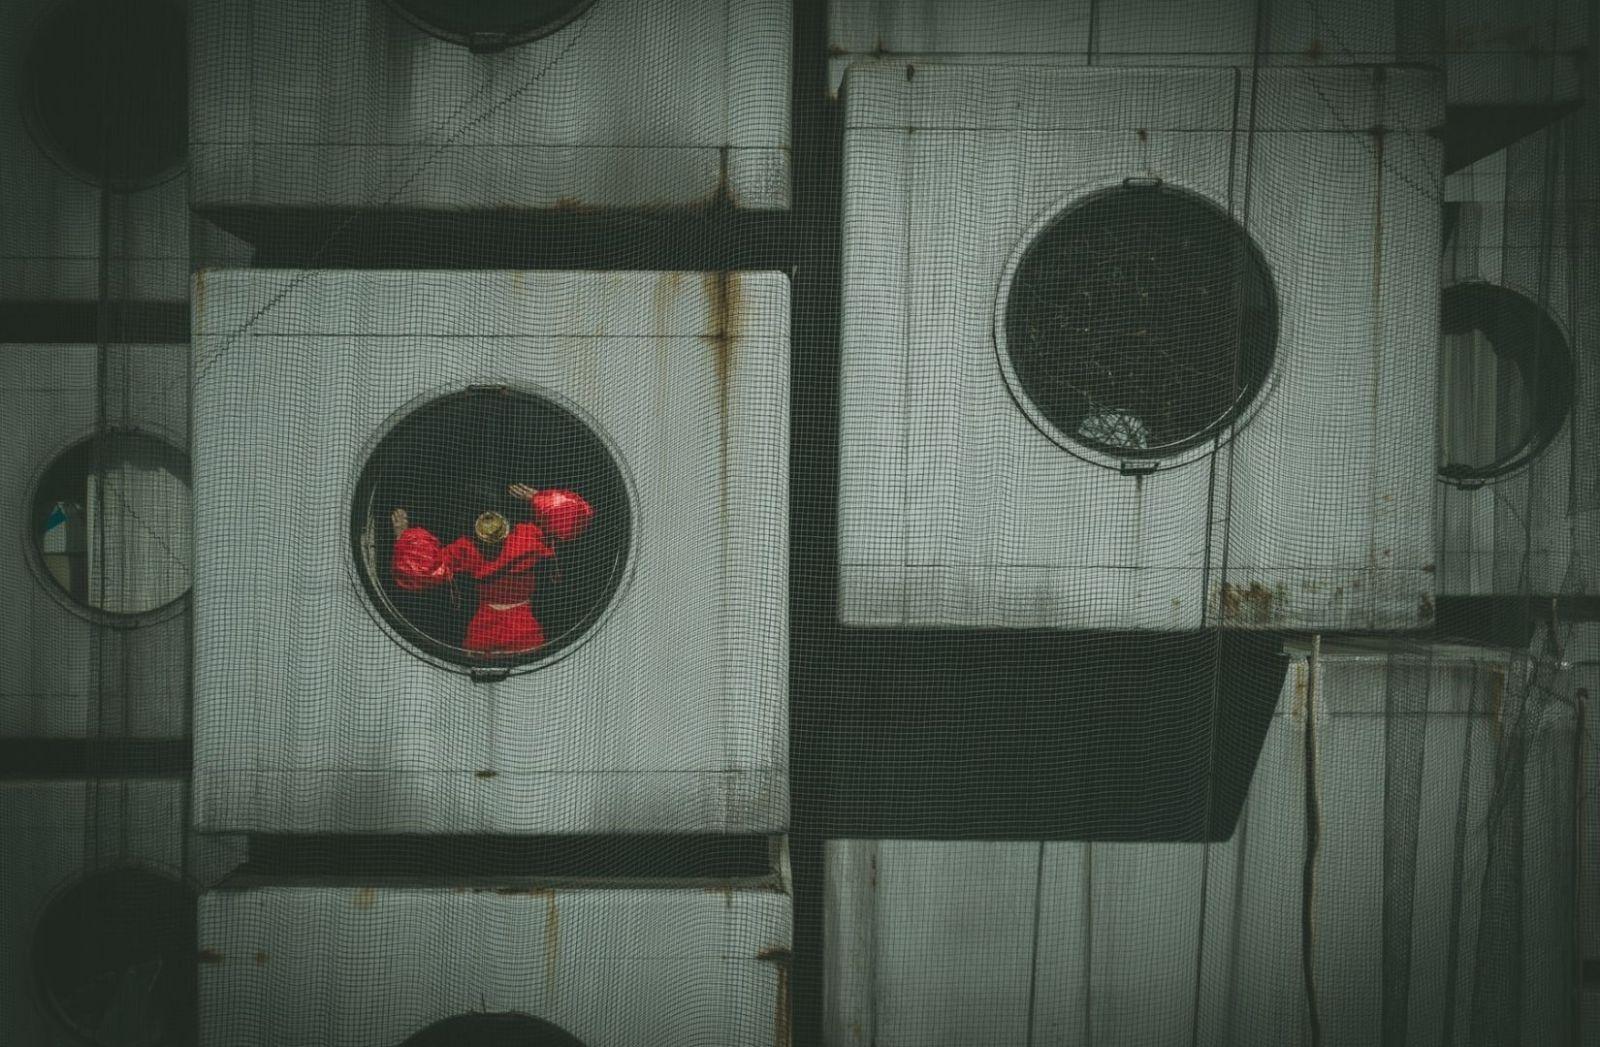 Eine Aufnahme aus Japan, ein Nachbar von Russland. (Foto: Denys Nevozhai, Unsplash.com)